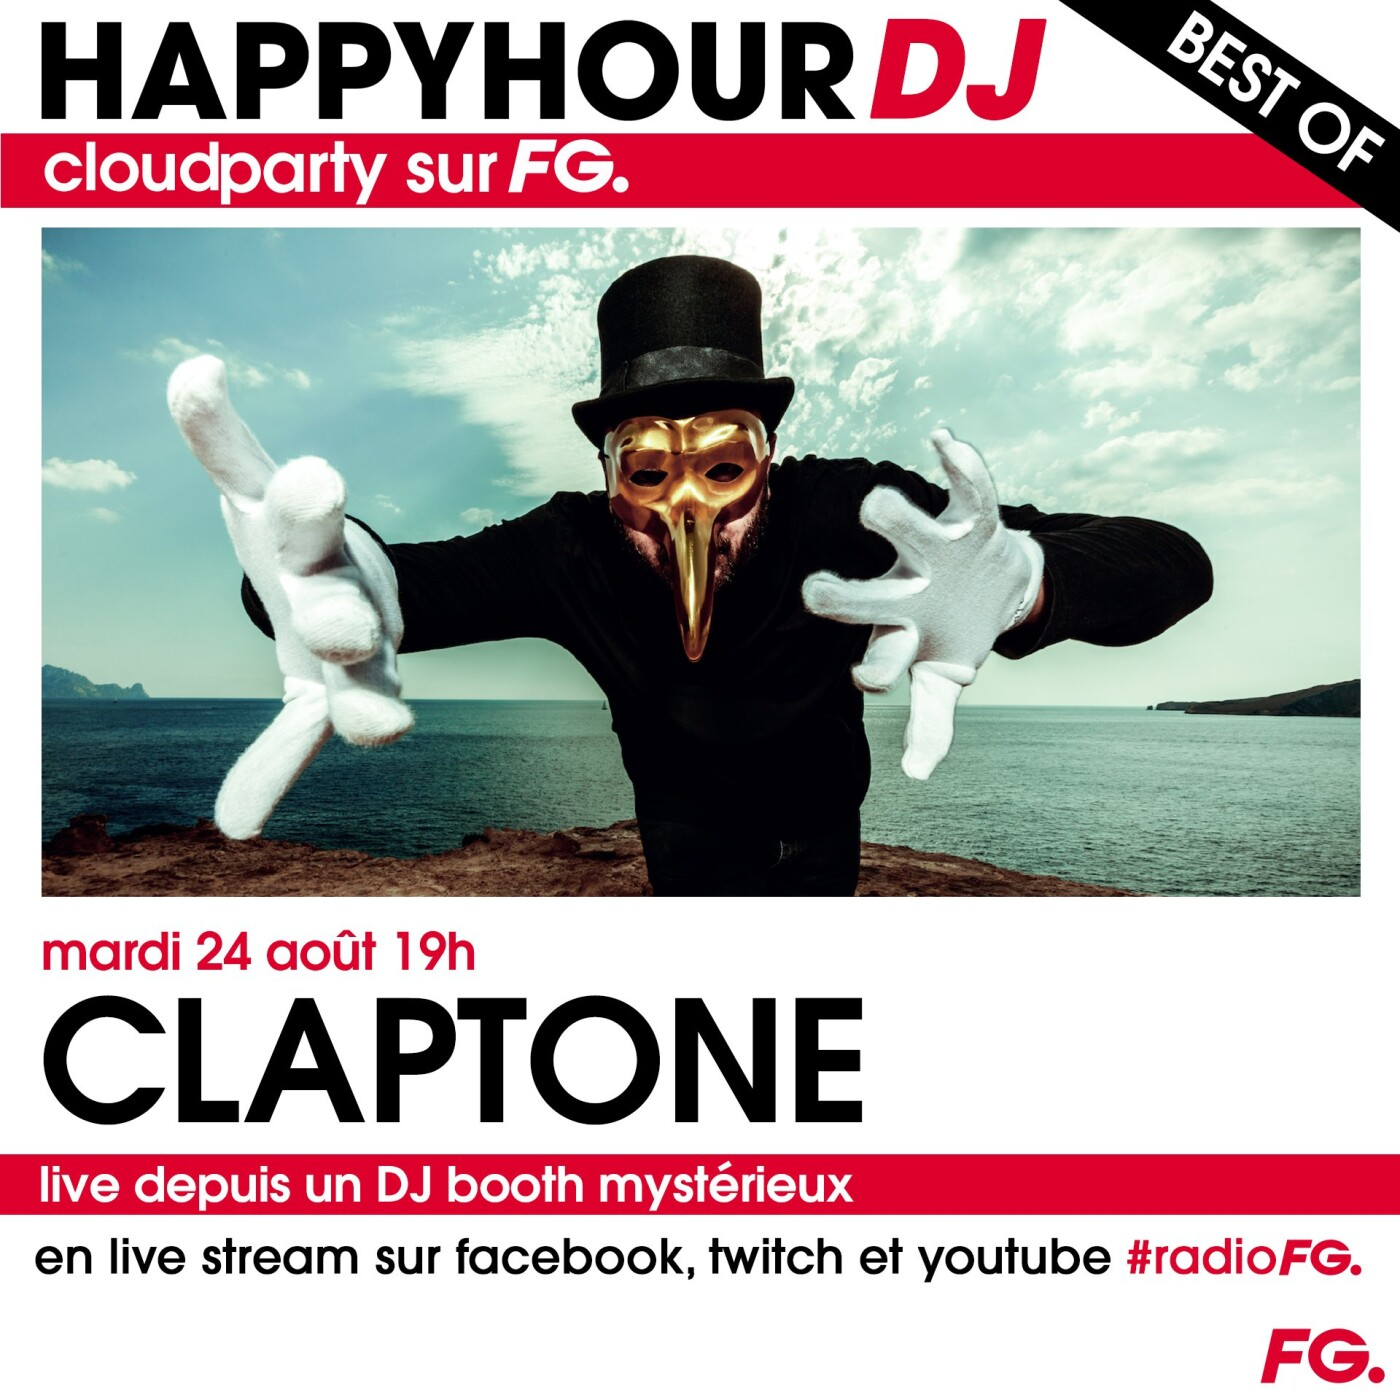 HAPPY HOUR DJ BEST OF : CLAPTONE